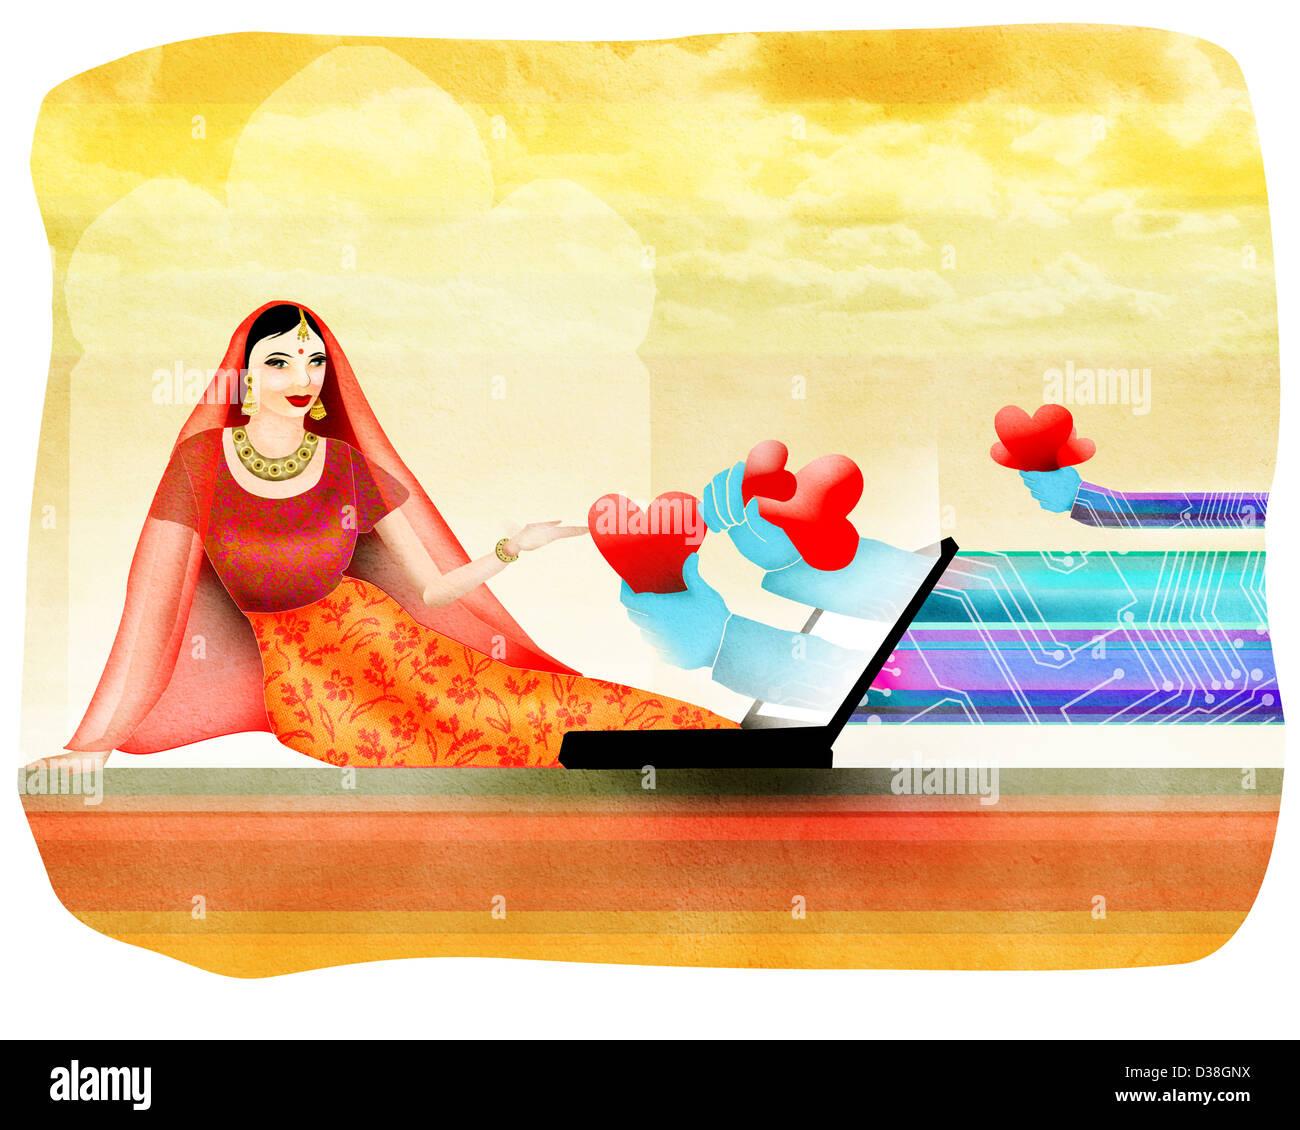 Donna ricevere proposte di matrimonio tramite internet Immagini Stock